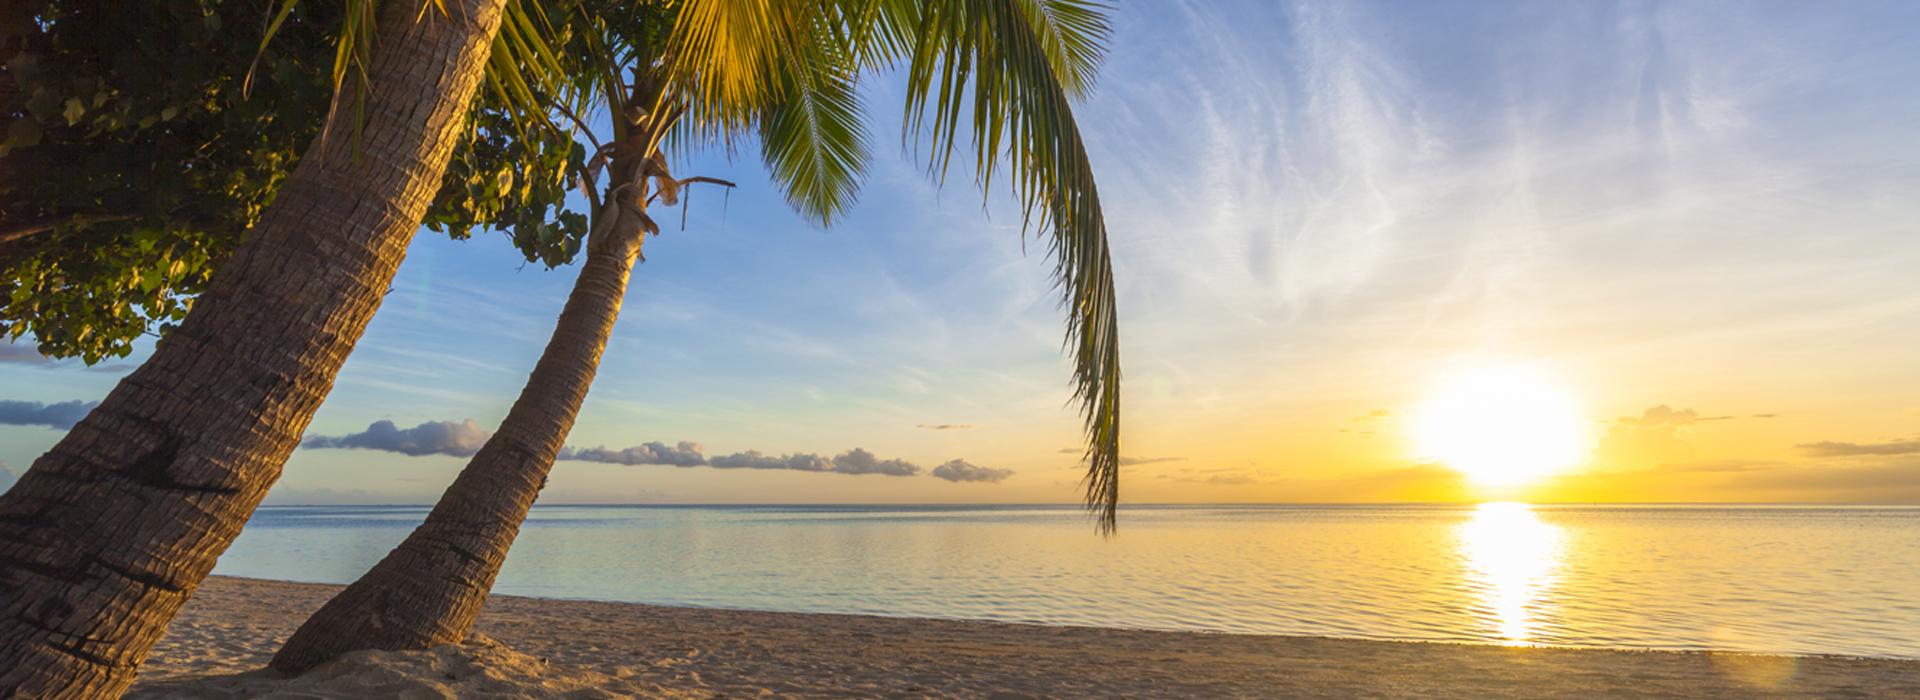 Sunset_Fiji_Island